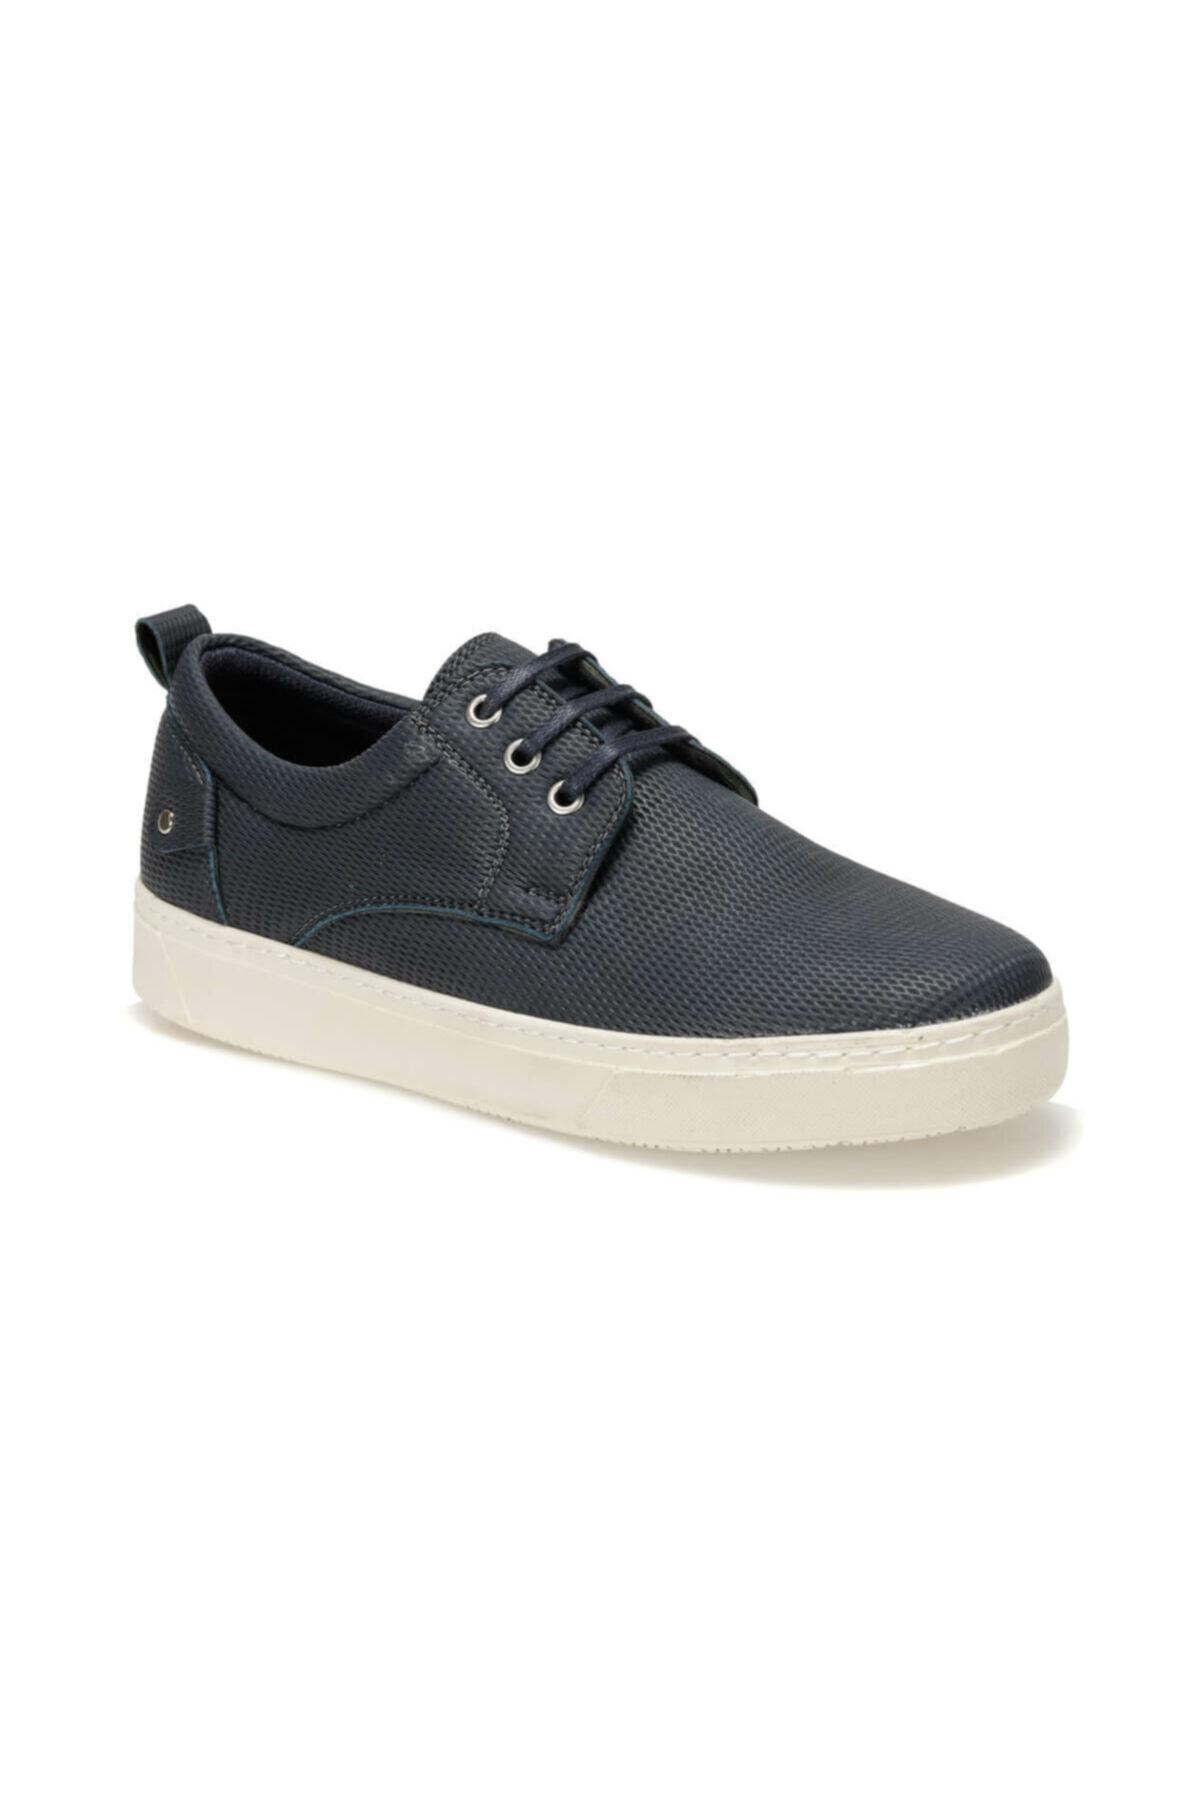 PANAMA CLUB Nm-01 C Lacivert Erkek Ayakkabı 1